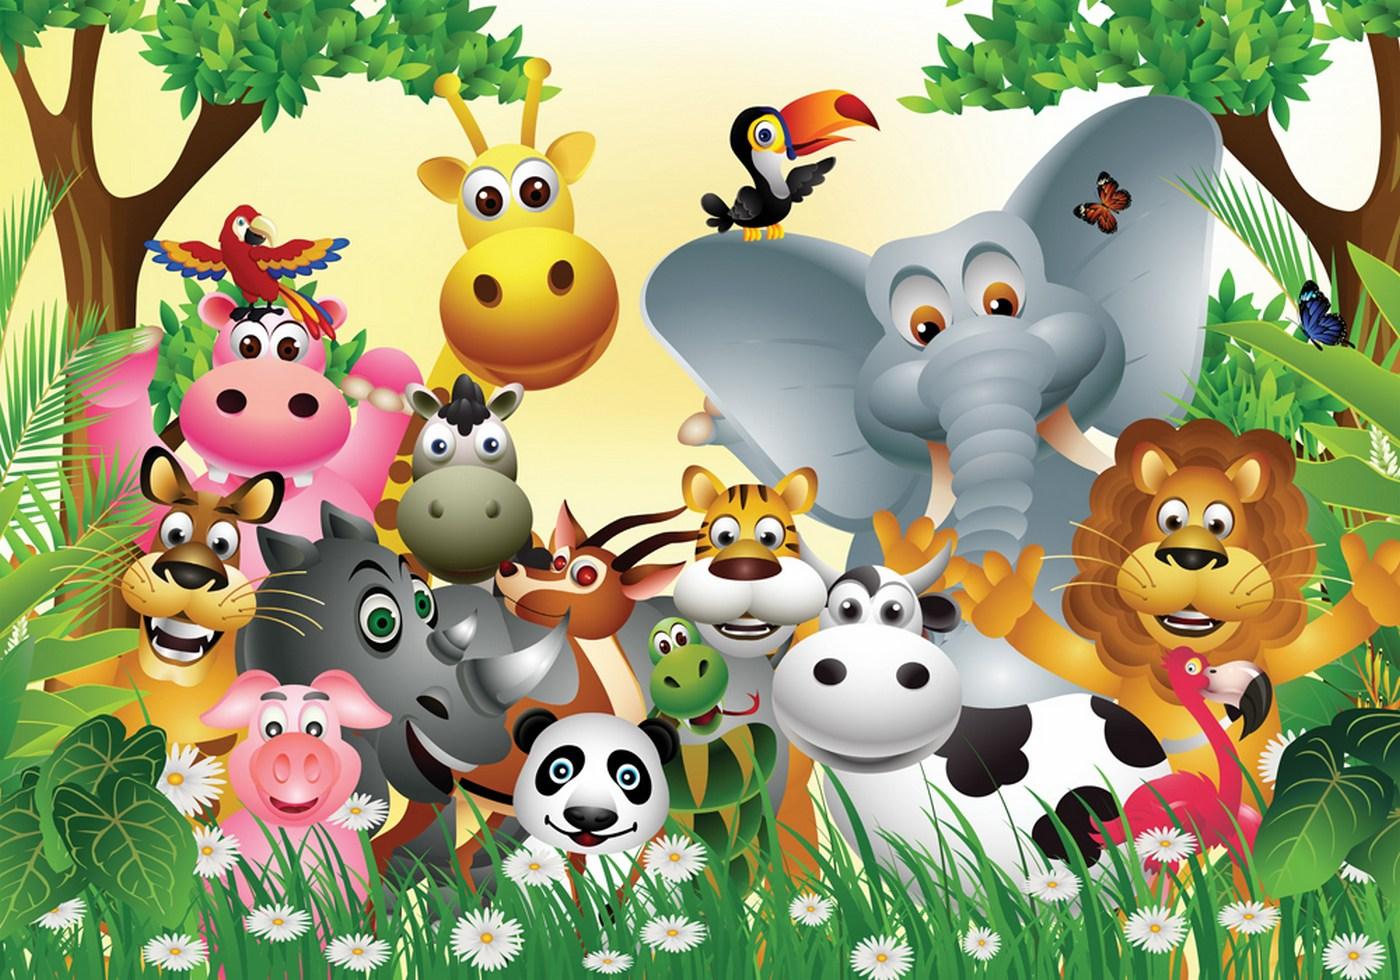 Fototapete Für Kinderzimmer | Kiss Fototapeten Zu Besten Preisen Fototapete Jungle Animals